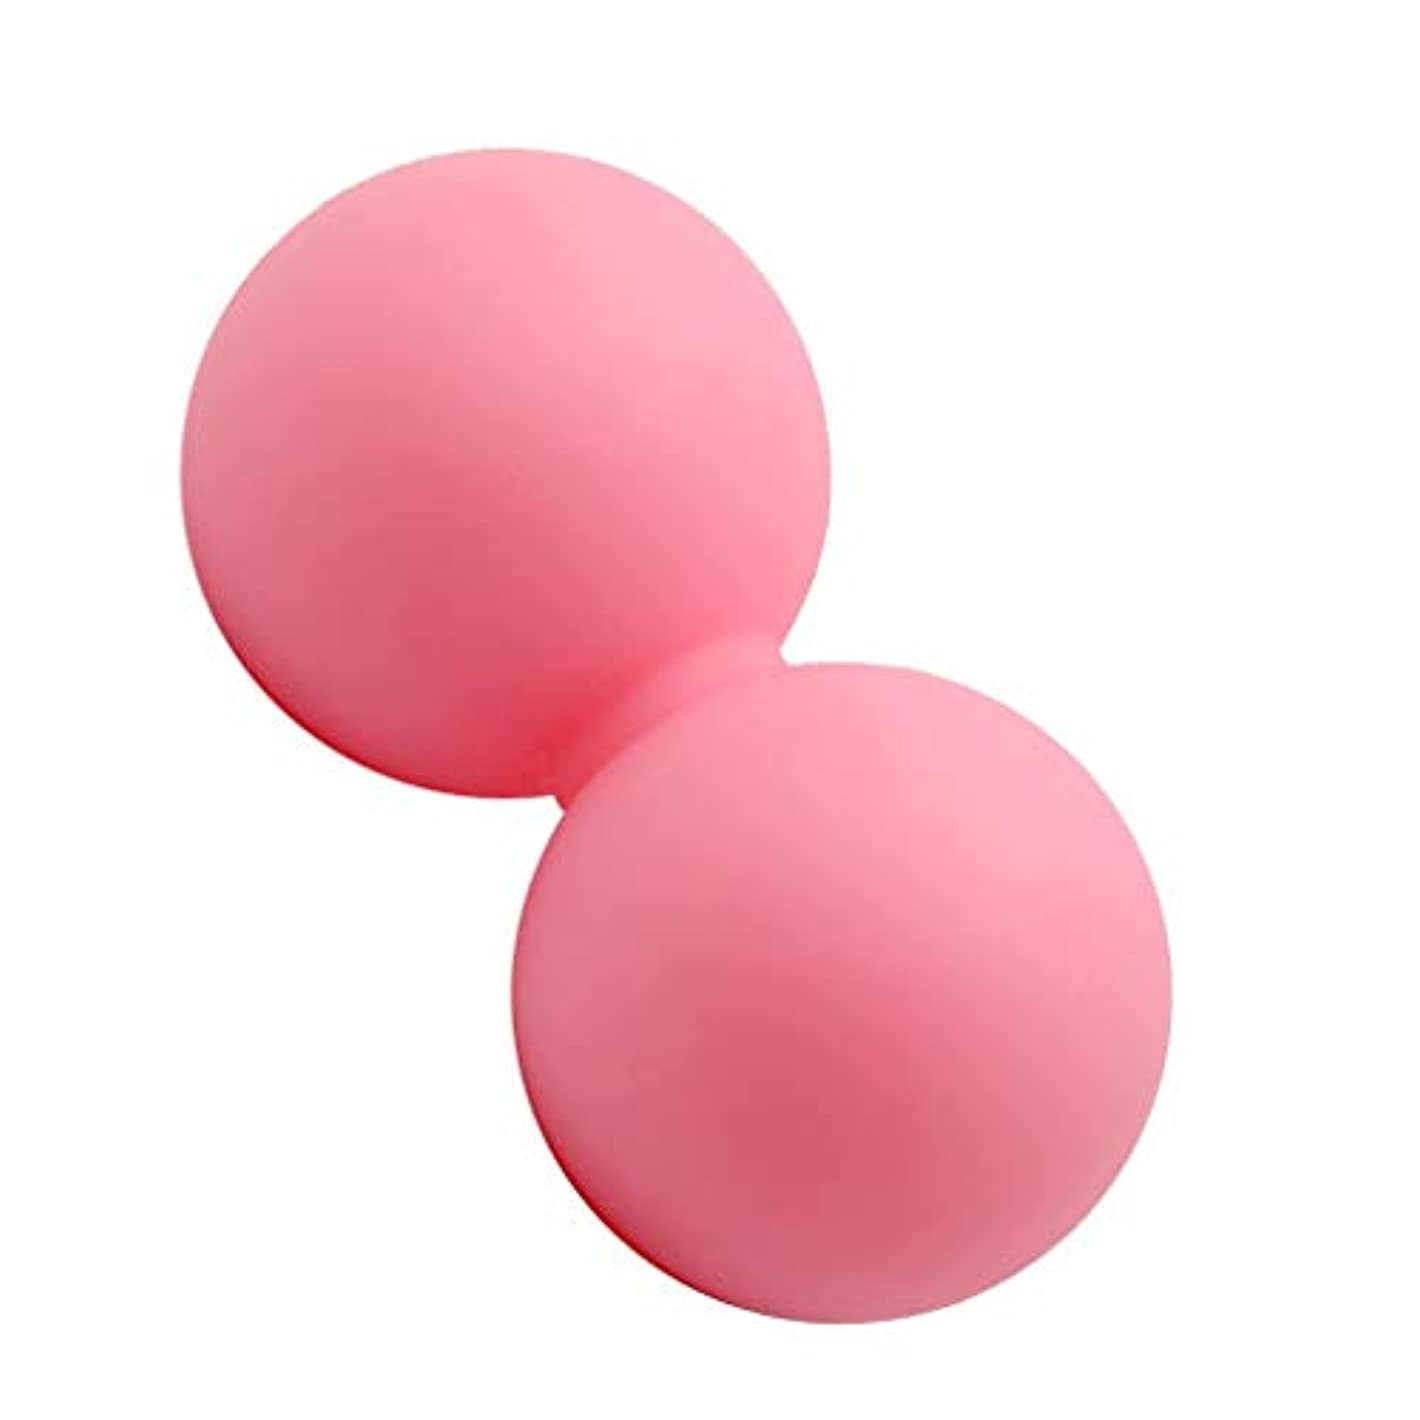 放出セクタ数学D DOLITY マッサージボール ヨガ 手のひら/足/足首/腕/首/背中用 ピンク